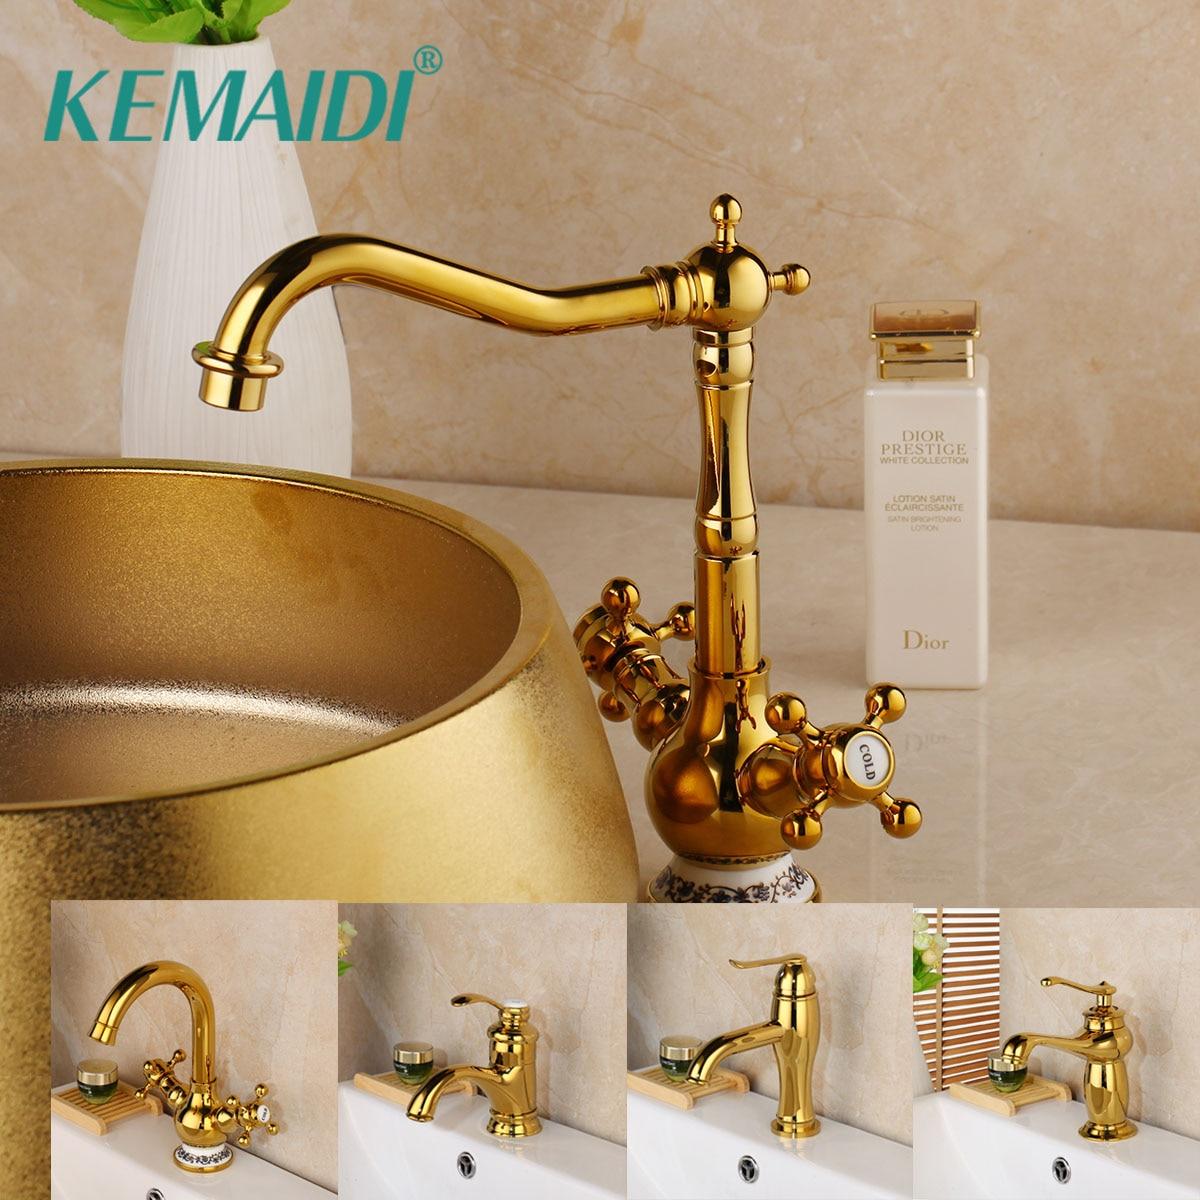 KEMAIDI moderne de luxe salle de bains bassin mélangeur en céramique diamants or robinets froid et chaud vanité évier or robinet